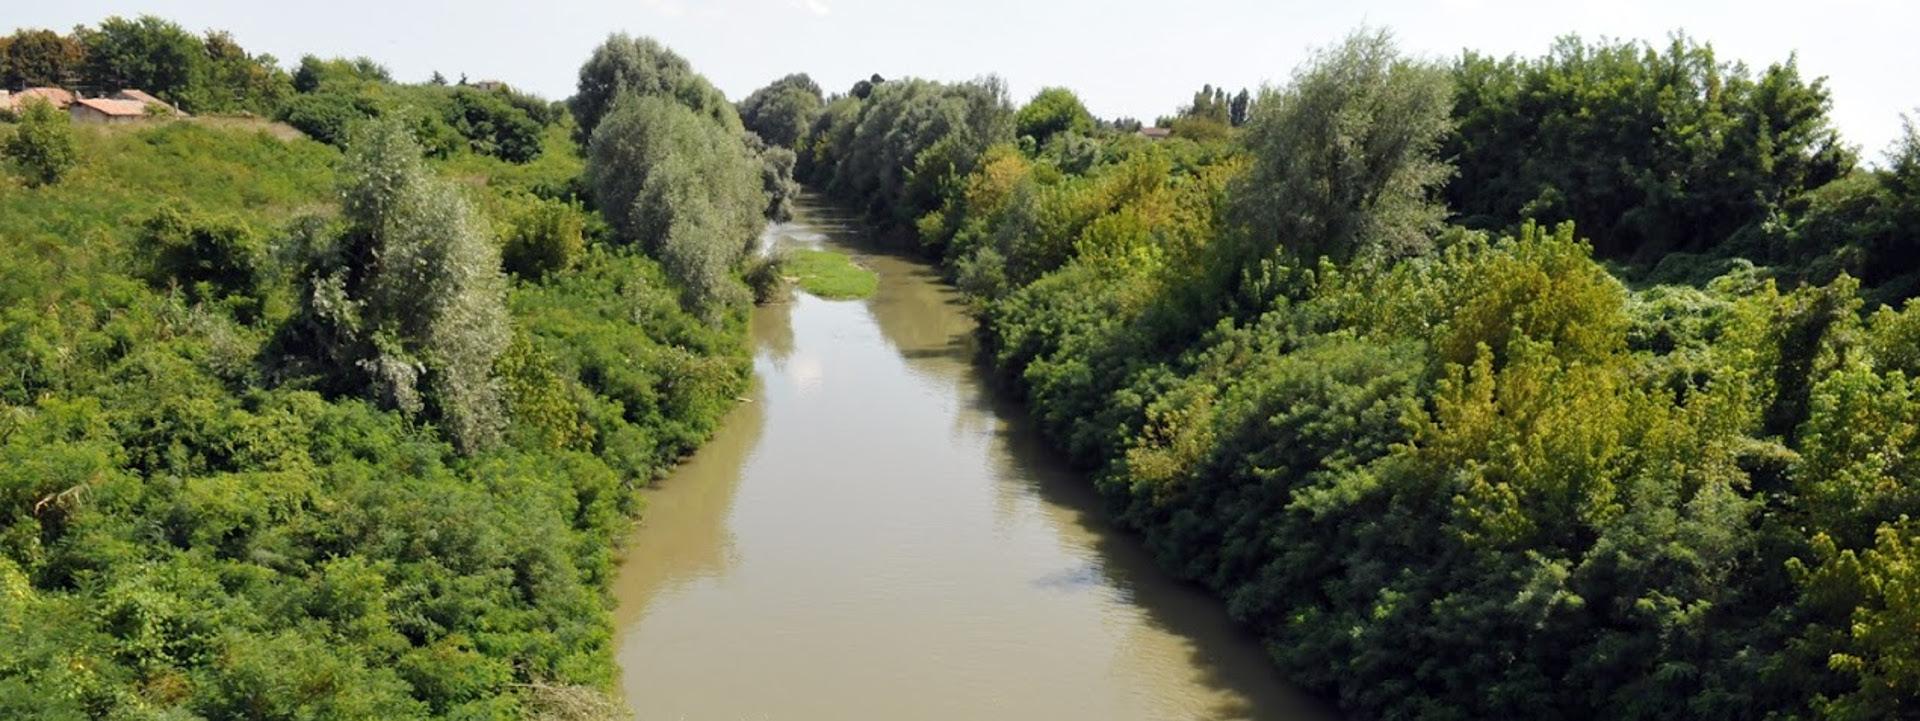 Foto: il fiume Reno che attraversa la pianura bolognese. Archivio Città metropolitana di Bologna